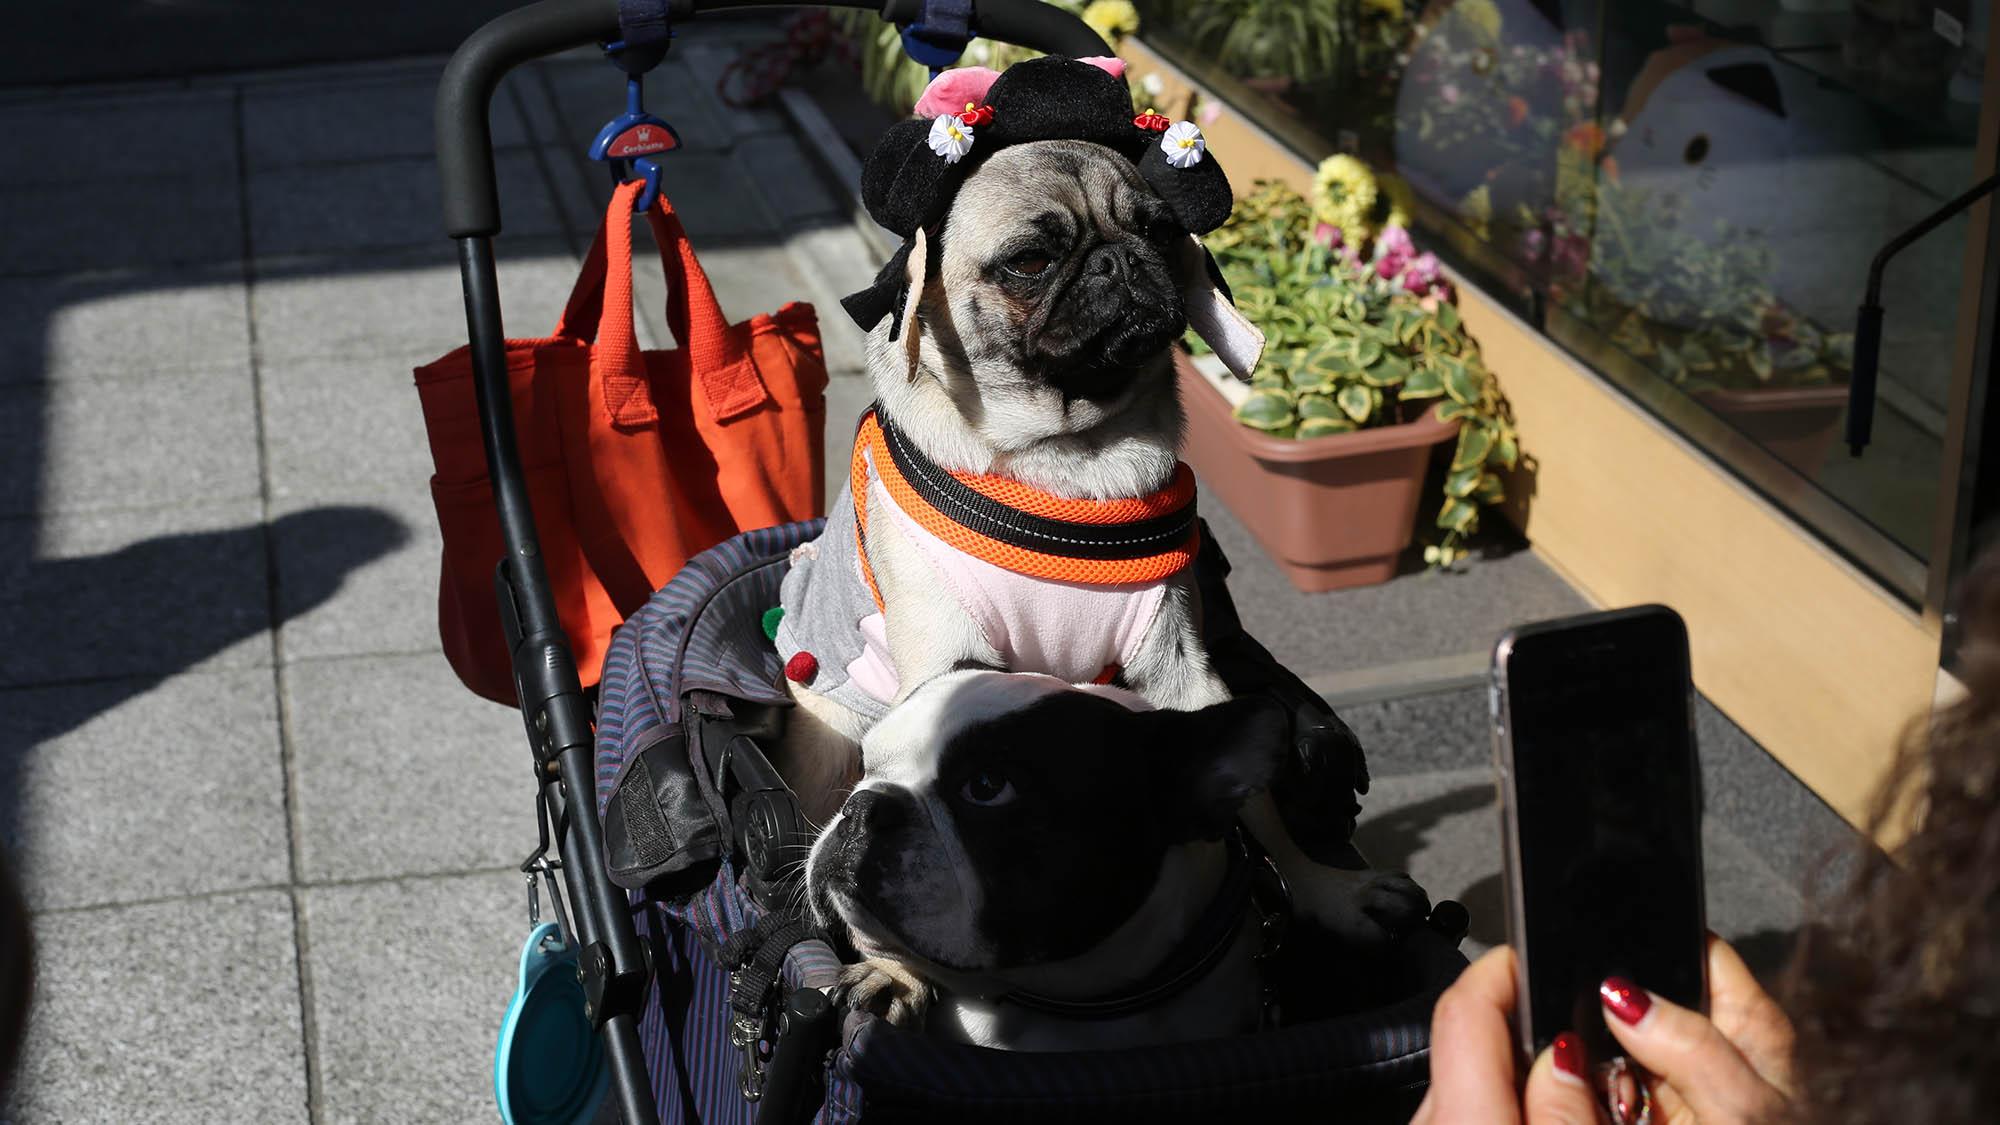 Pug in Costume in Stroller